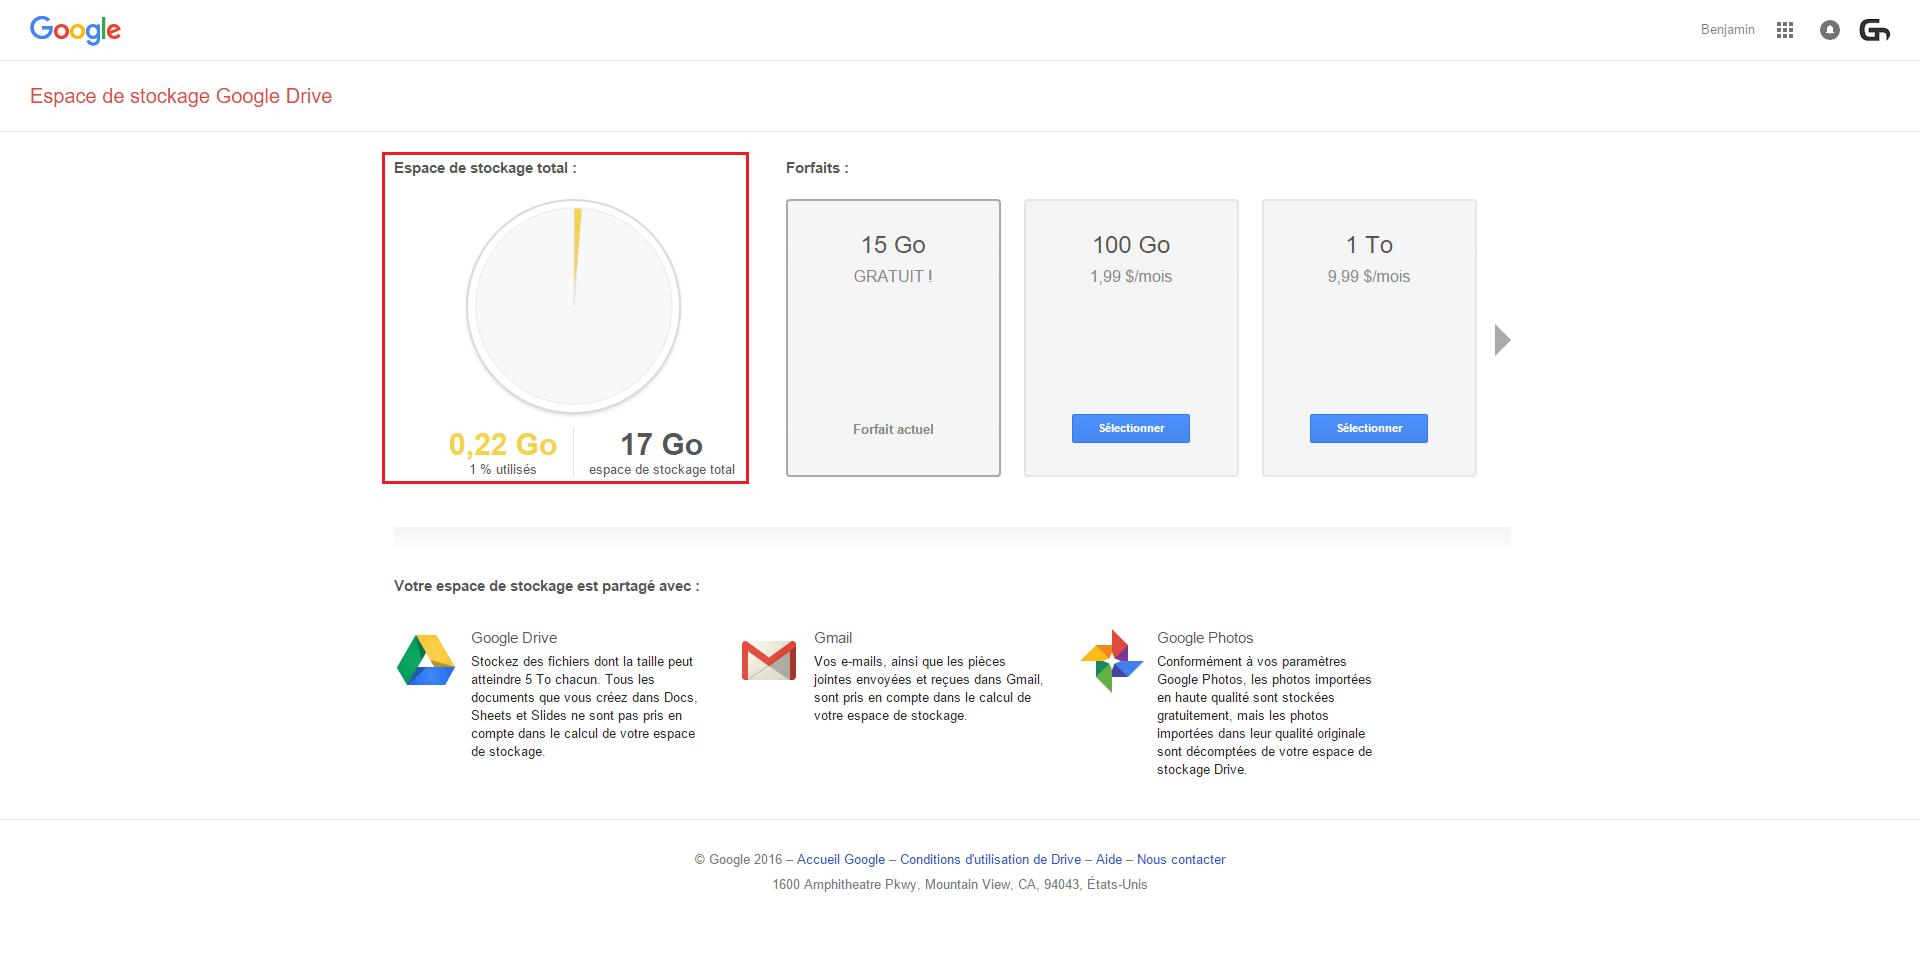 google_drive_2go_gratuit_1